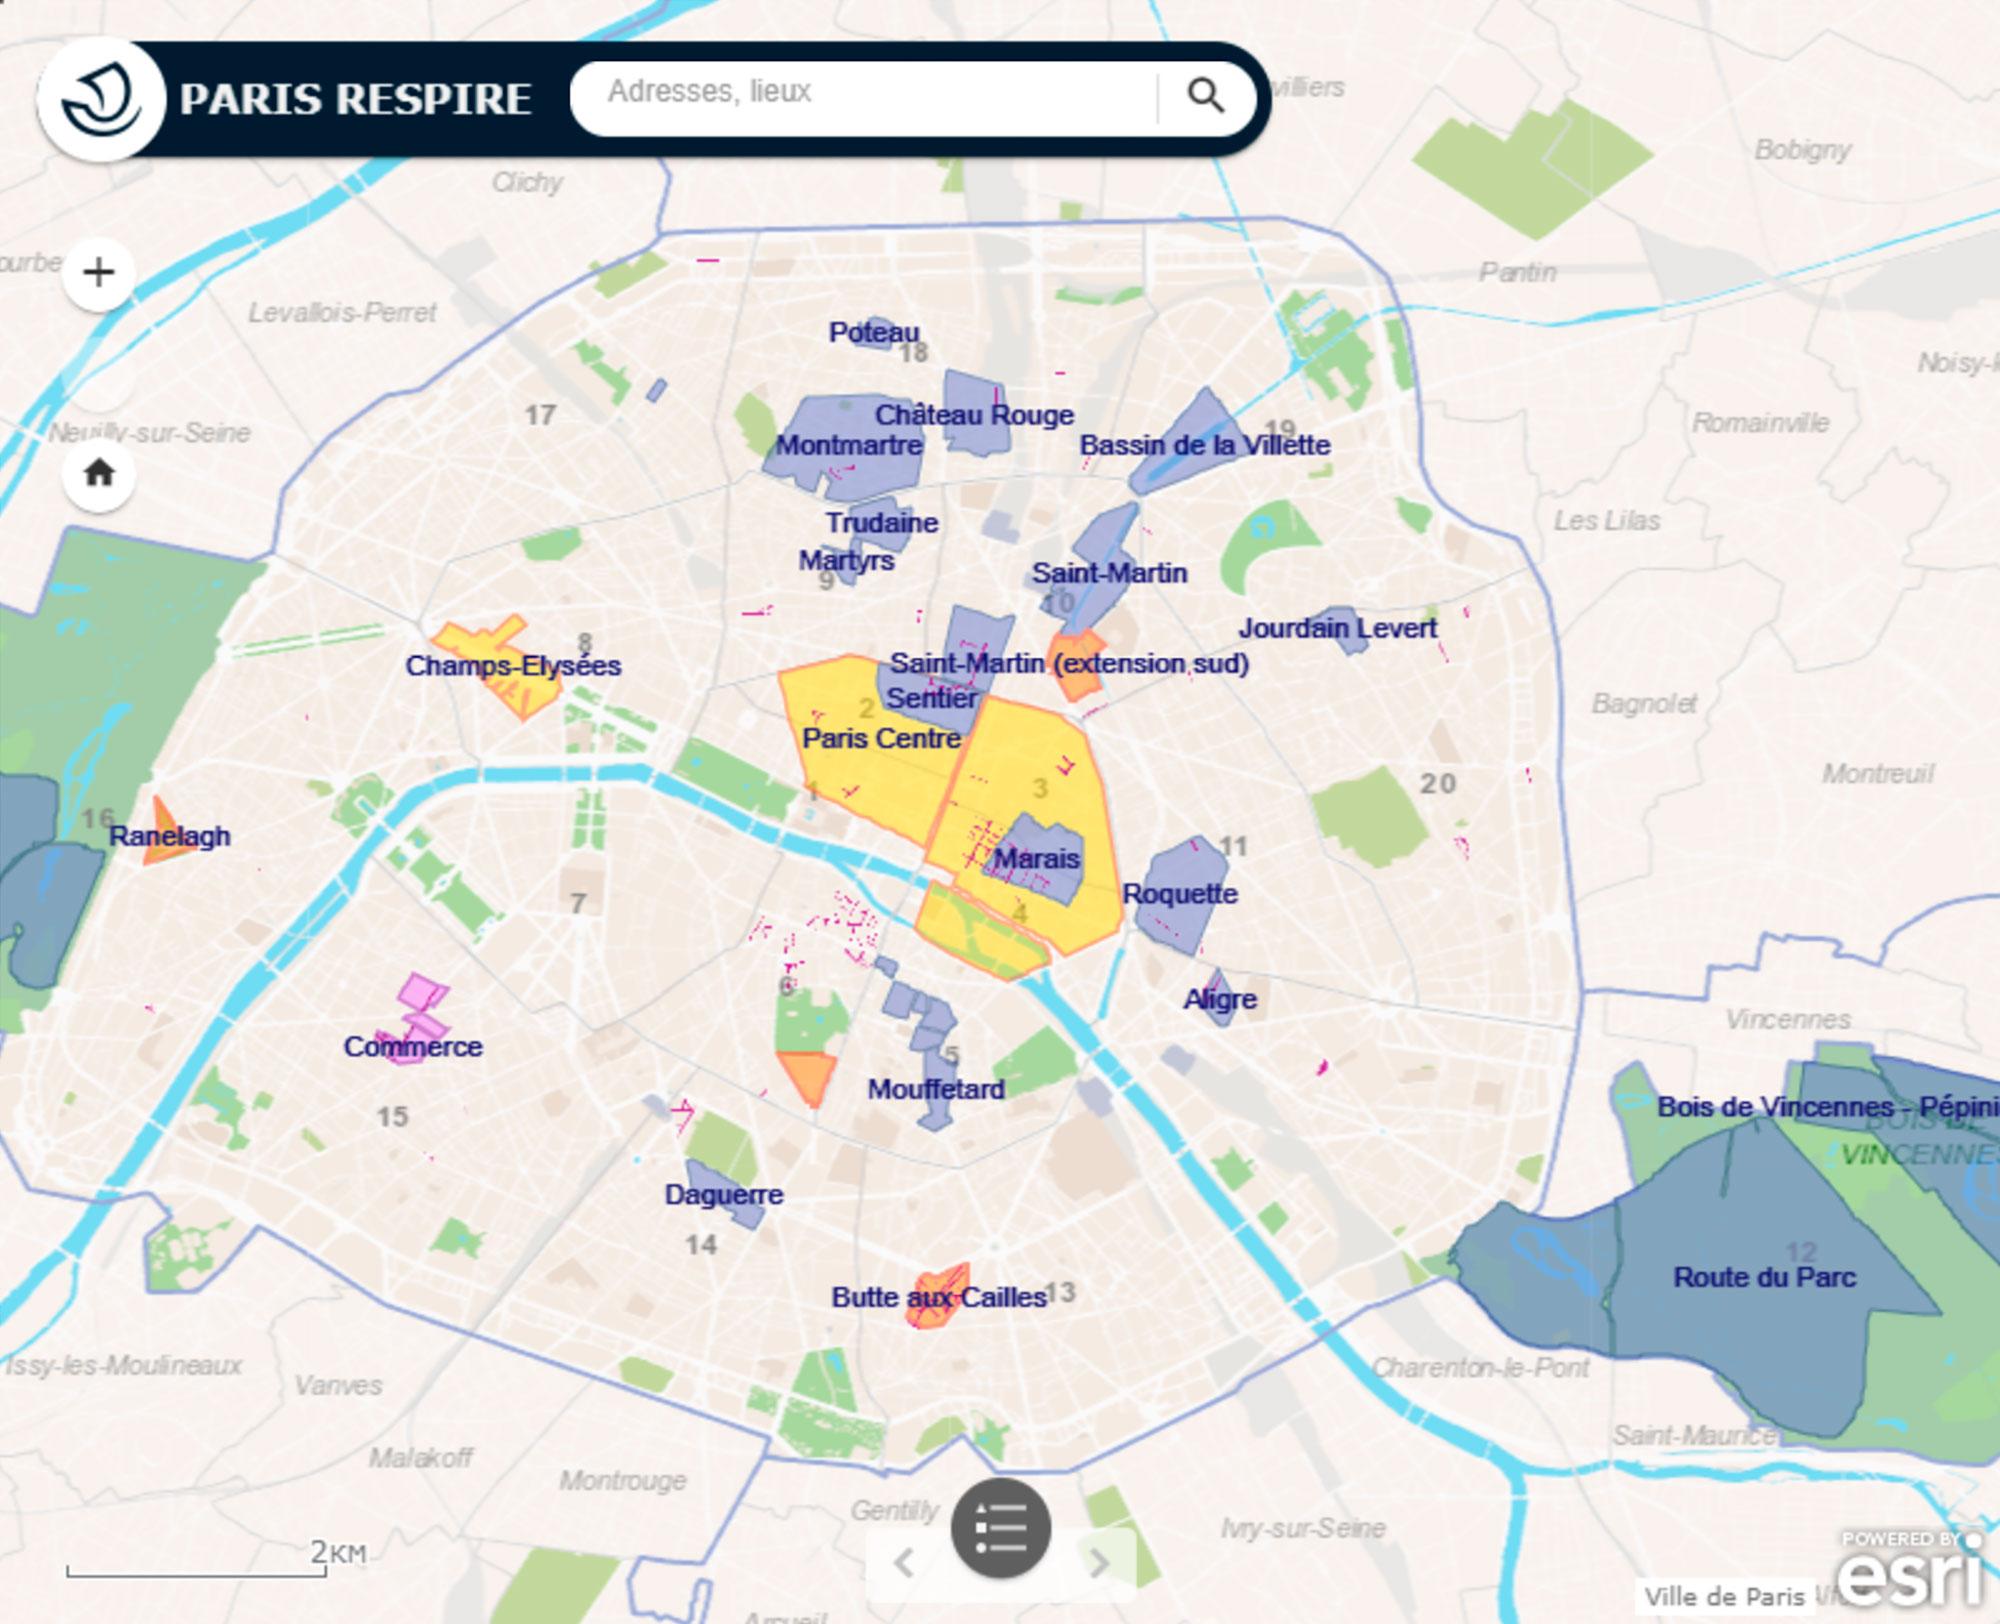 Фиолетовым отмечены зоны, полностью закрытые для движения транспорта, красным — зоны, закрытые только на лето, а желтым — зоны, где движение перекрывается каждое первое воскресенье каждого месяца